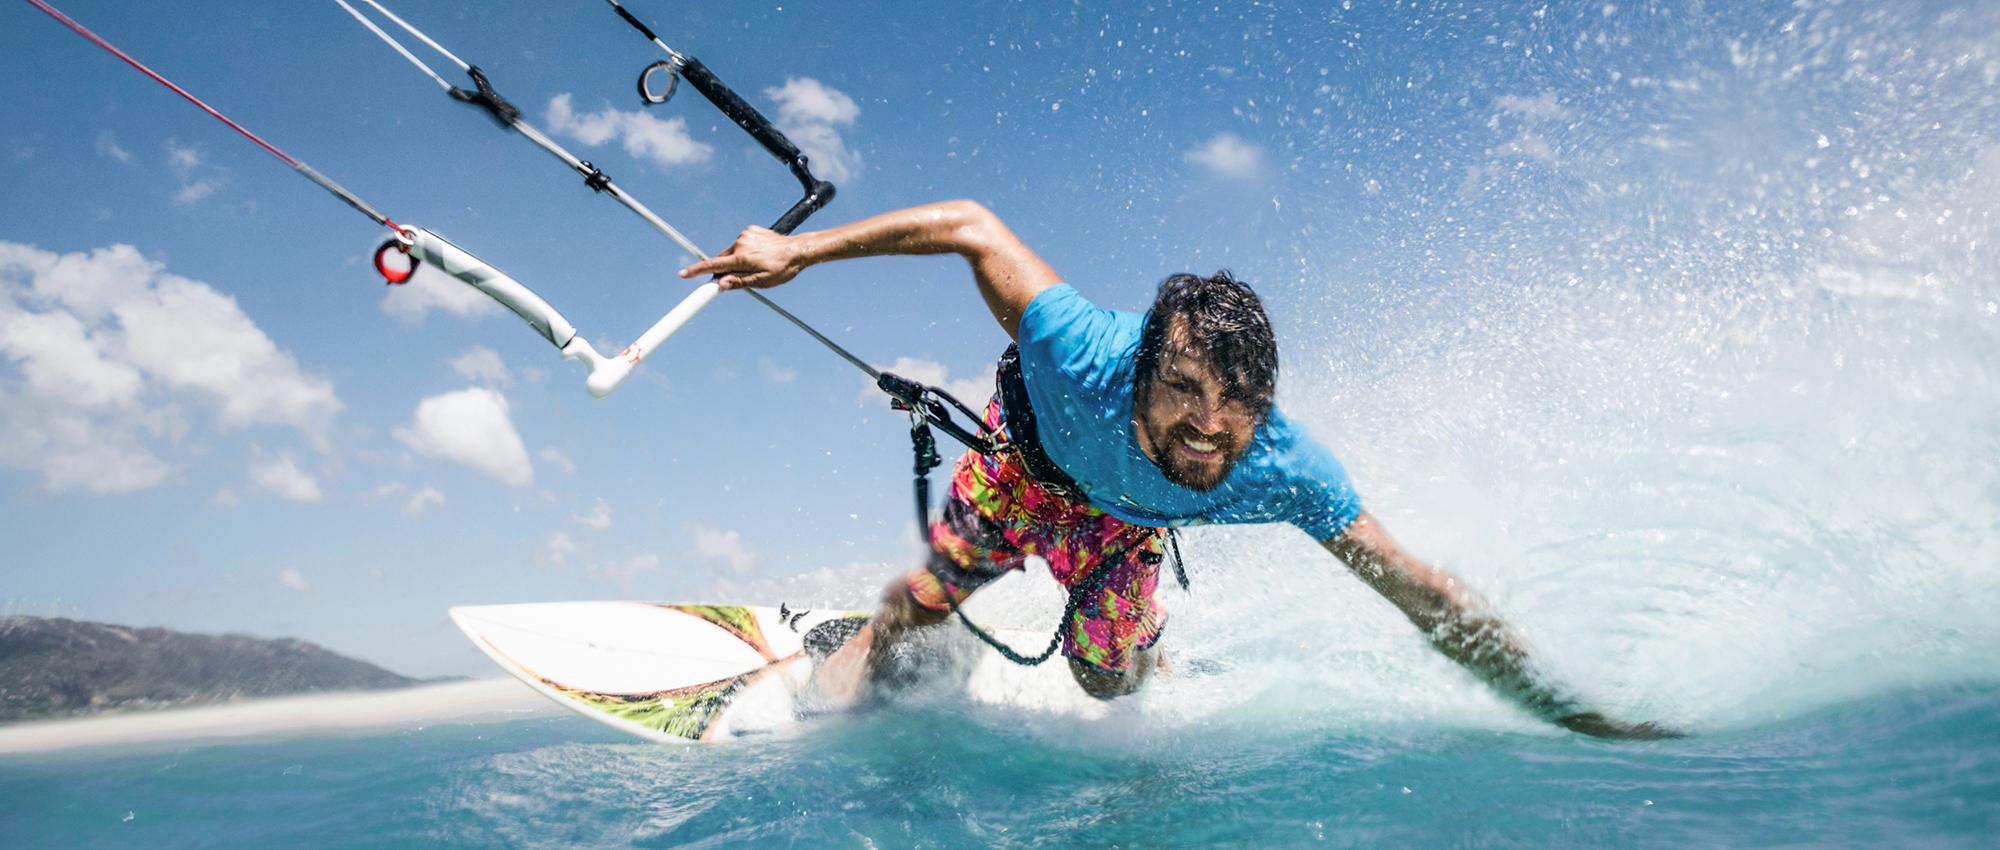 Spühre das Wasser in deinem Gesicht und den Wind in deinen Haaren beim Windsurfen in deiner Nähe!